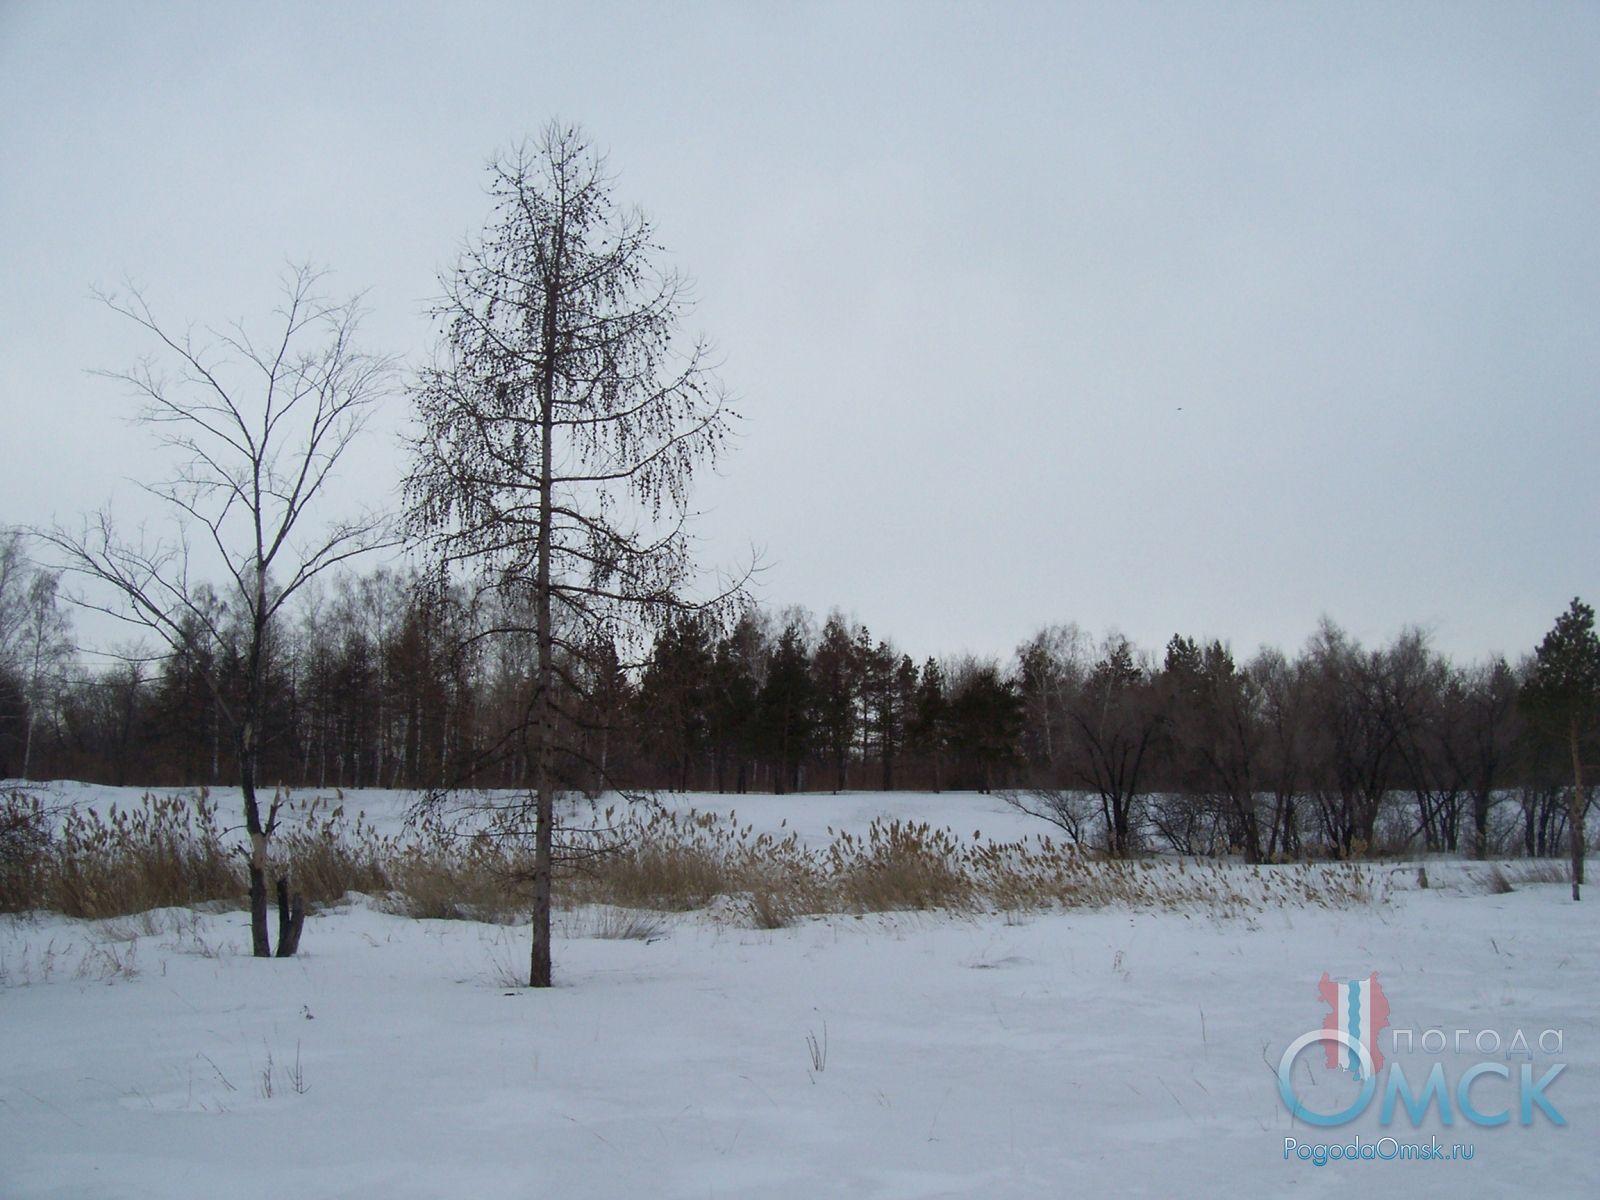 Пейзаж в пасмурный февральский день